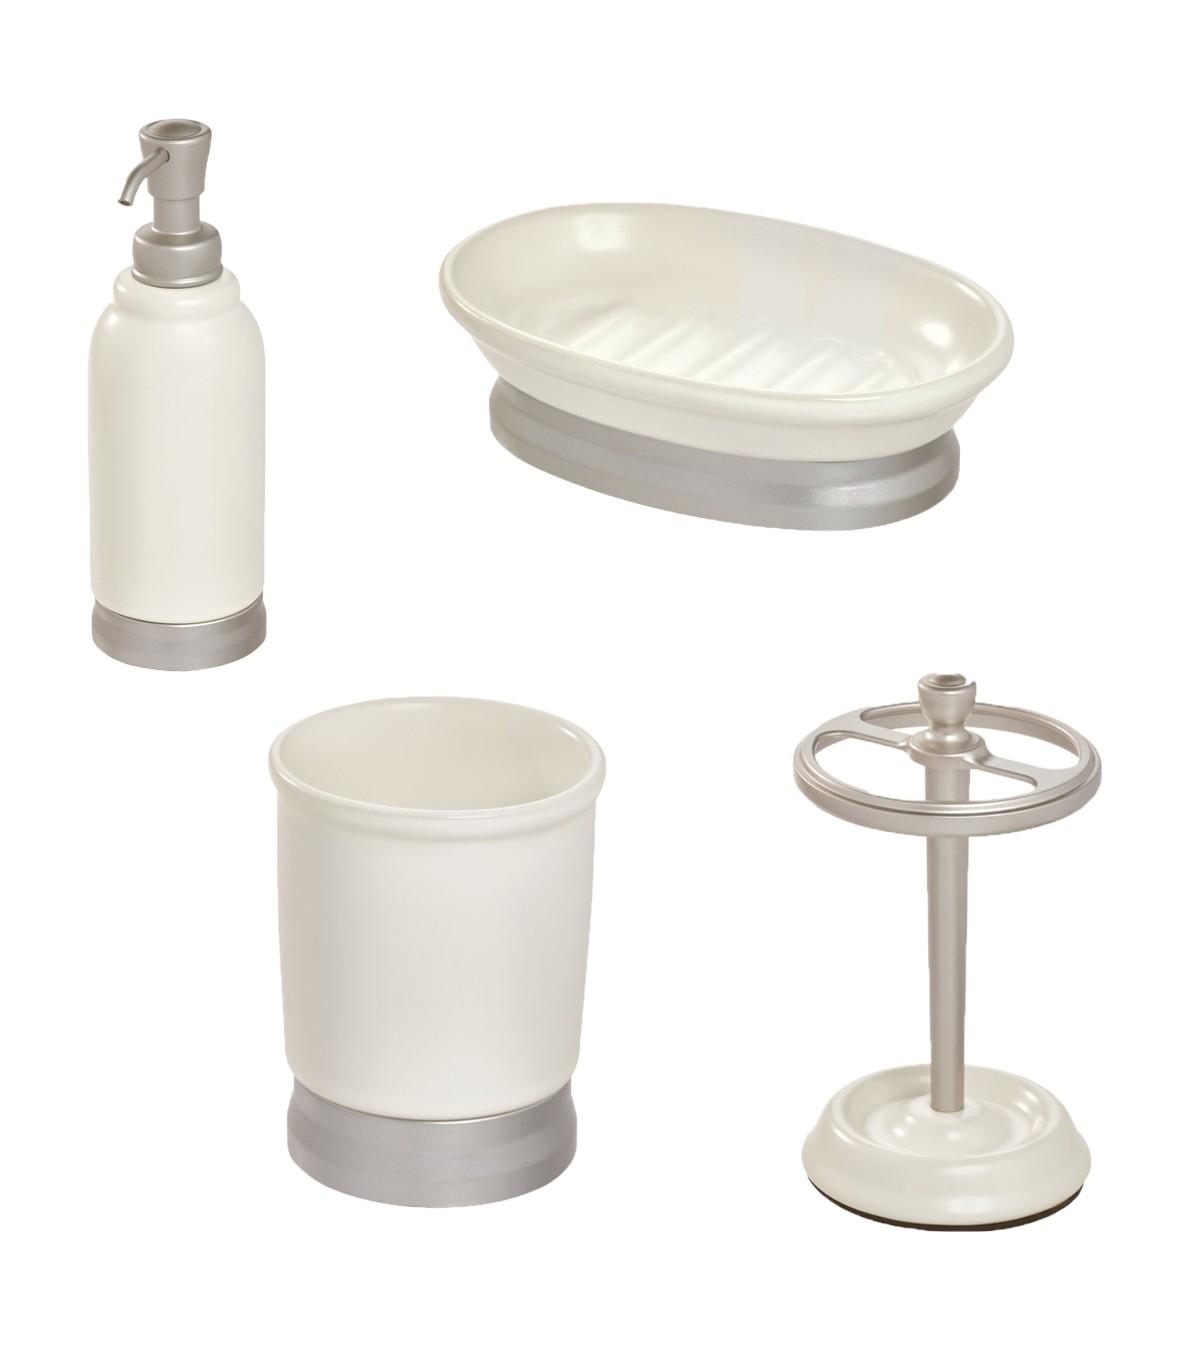 Ensemble d'accessoires de lavabo pour salle de bain - Blanc